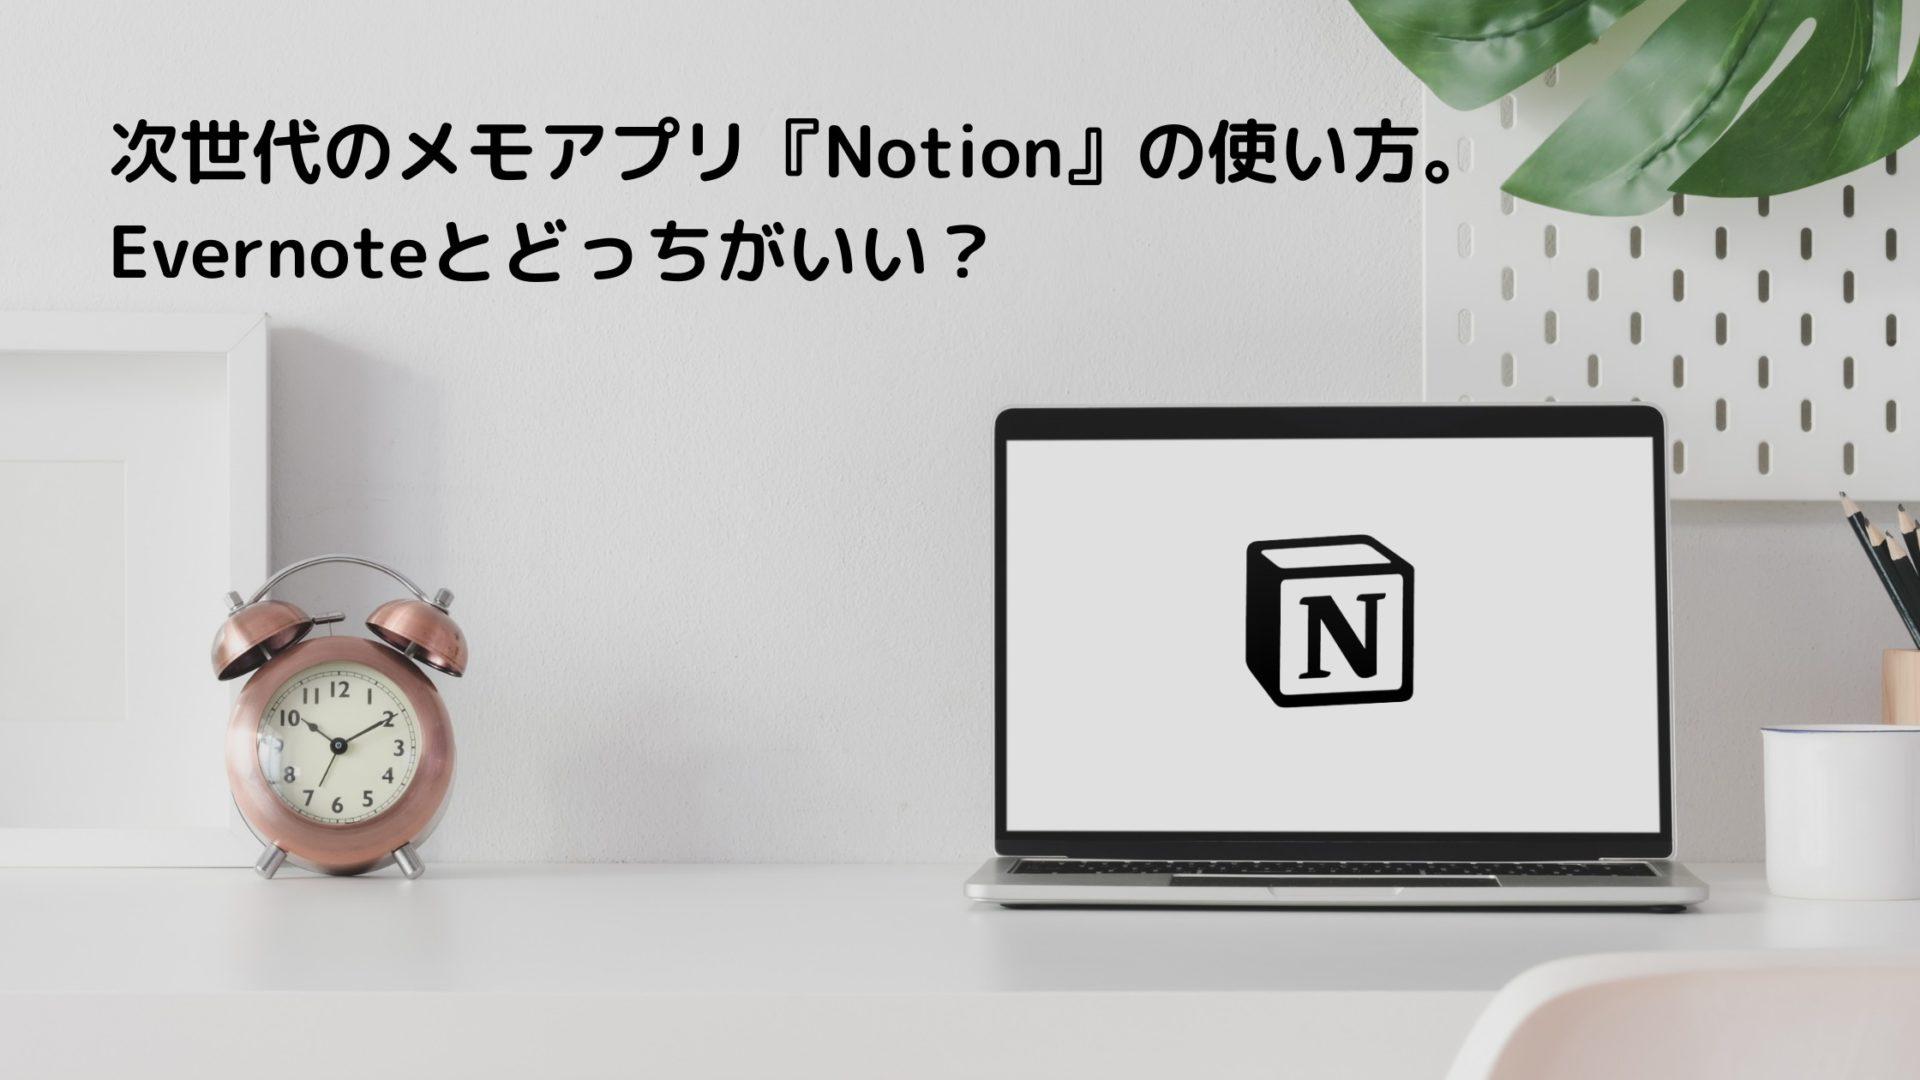 次世代のメモアプリ『Notion』の使い方。Evernoteとどっちがいい?